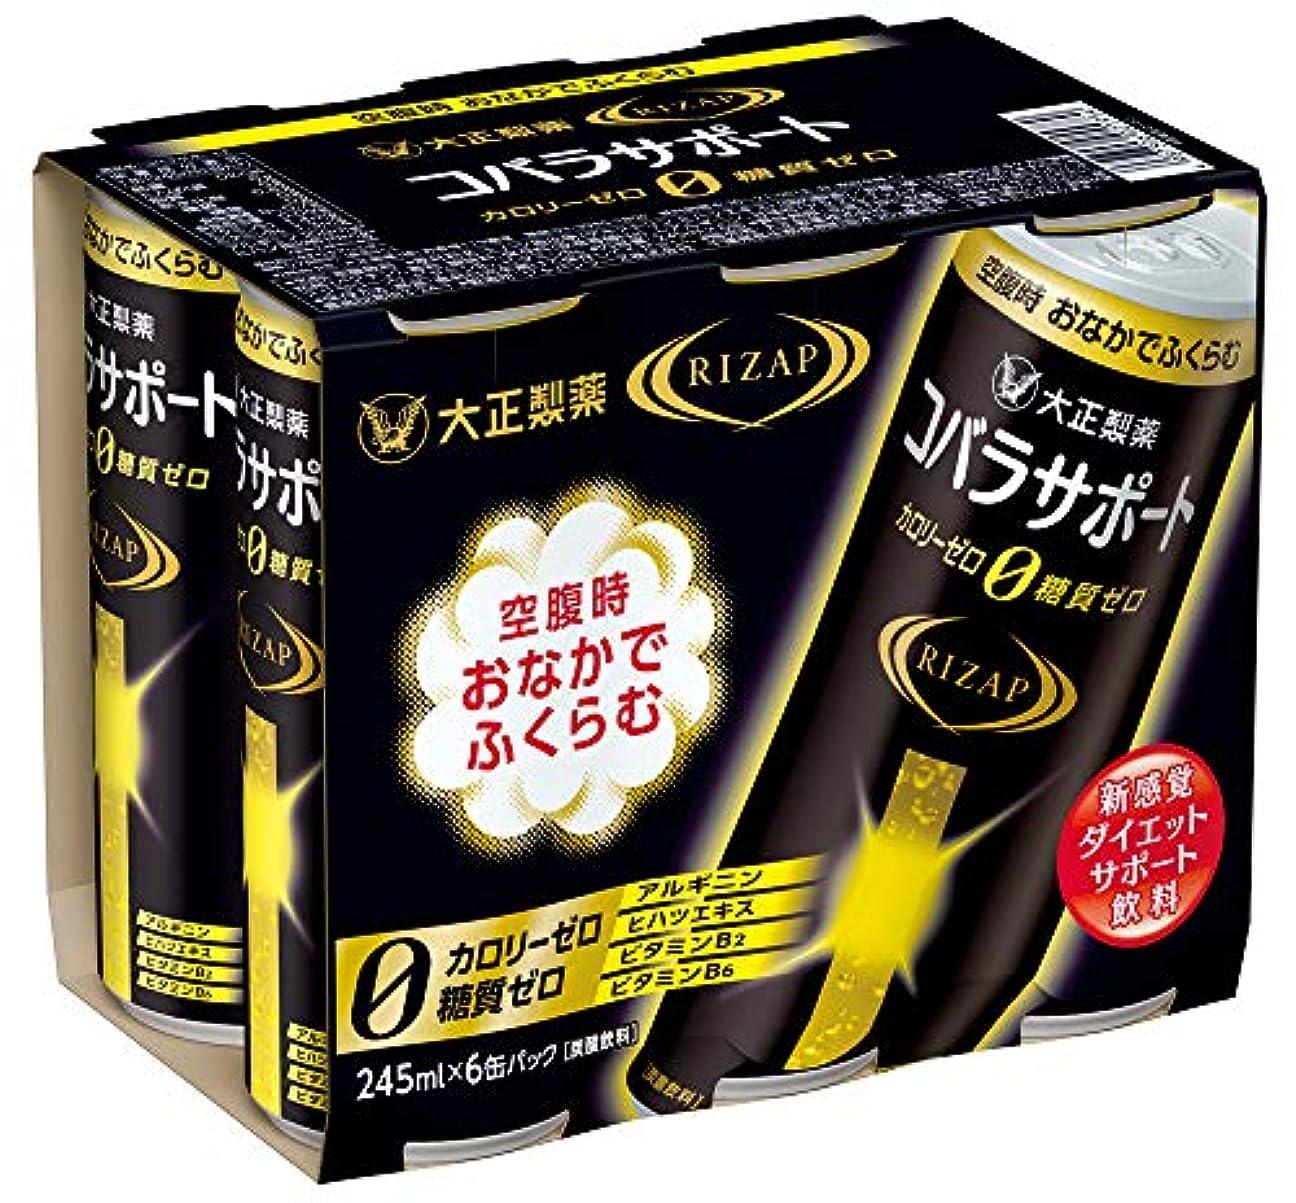 実行形成マージコバラサポートR 6本セット【期間限定】【ライザップコラボ品】